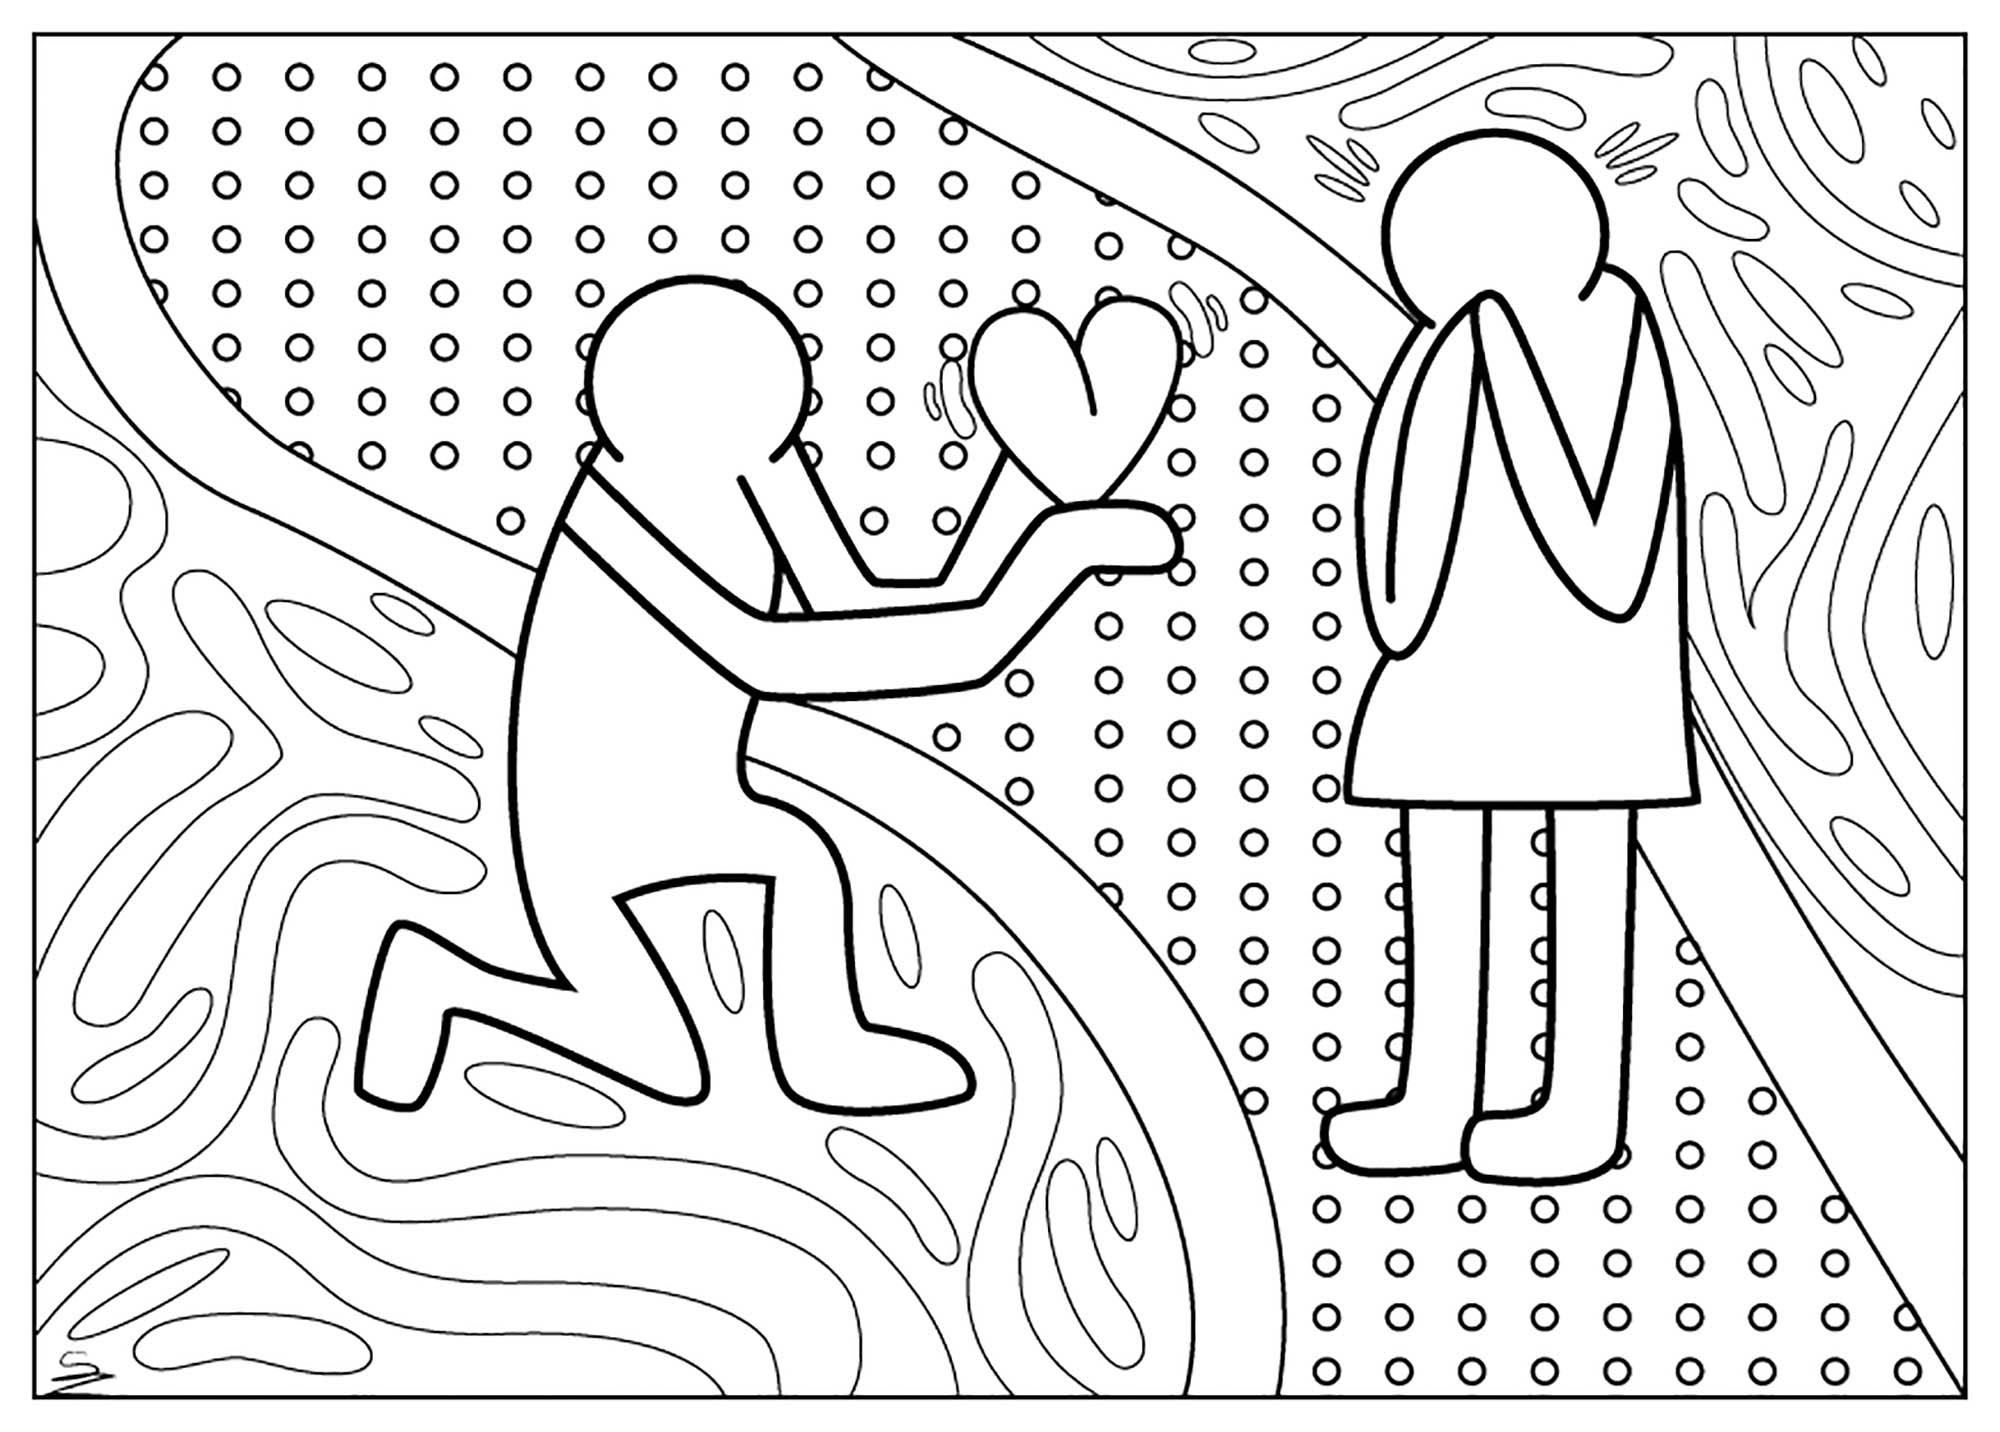 Un coloriage pour la Saint-Valentin inspiré des œuvres de Keith Haring